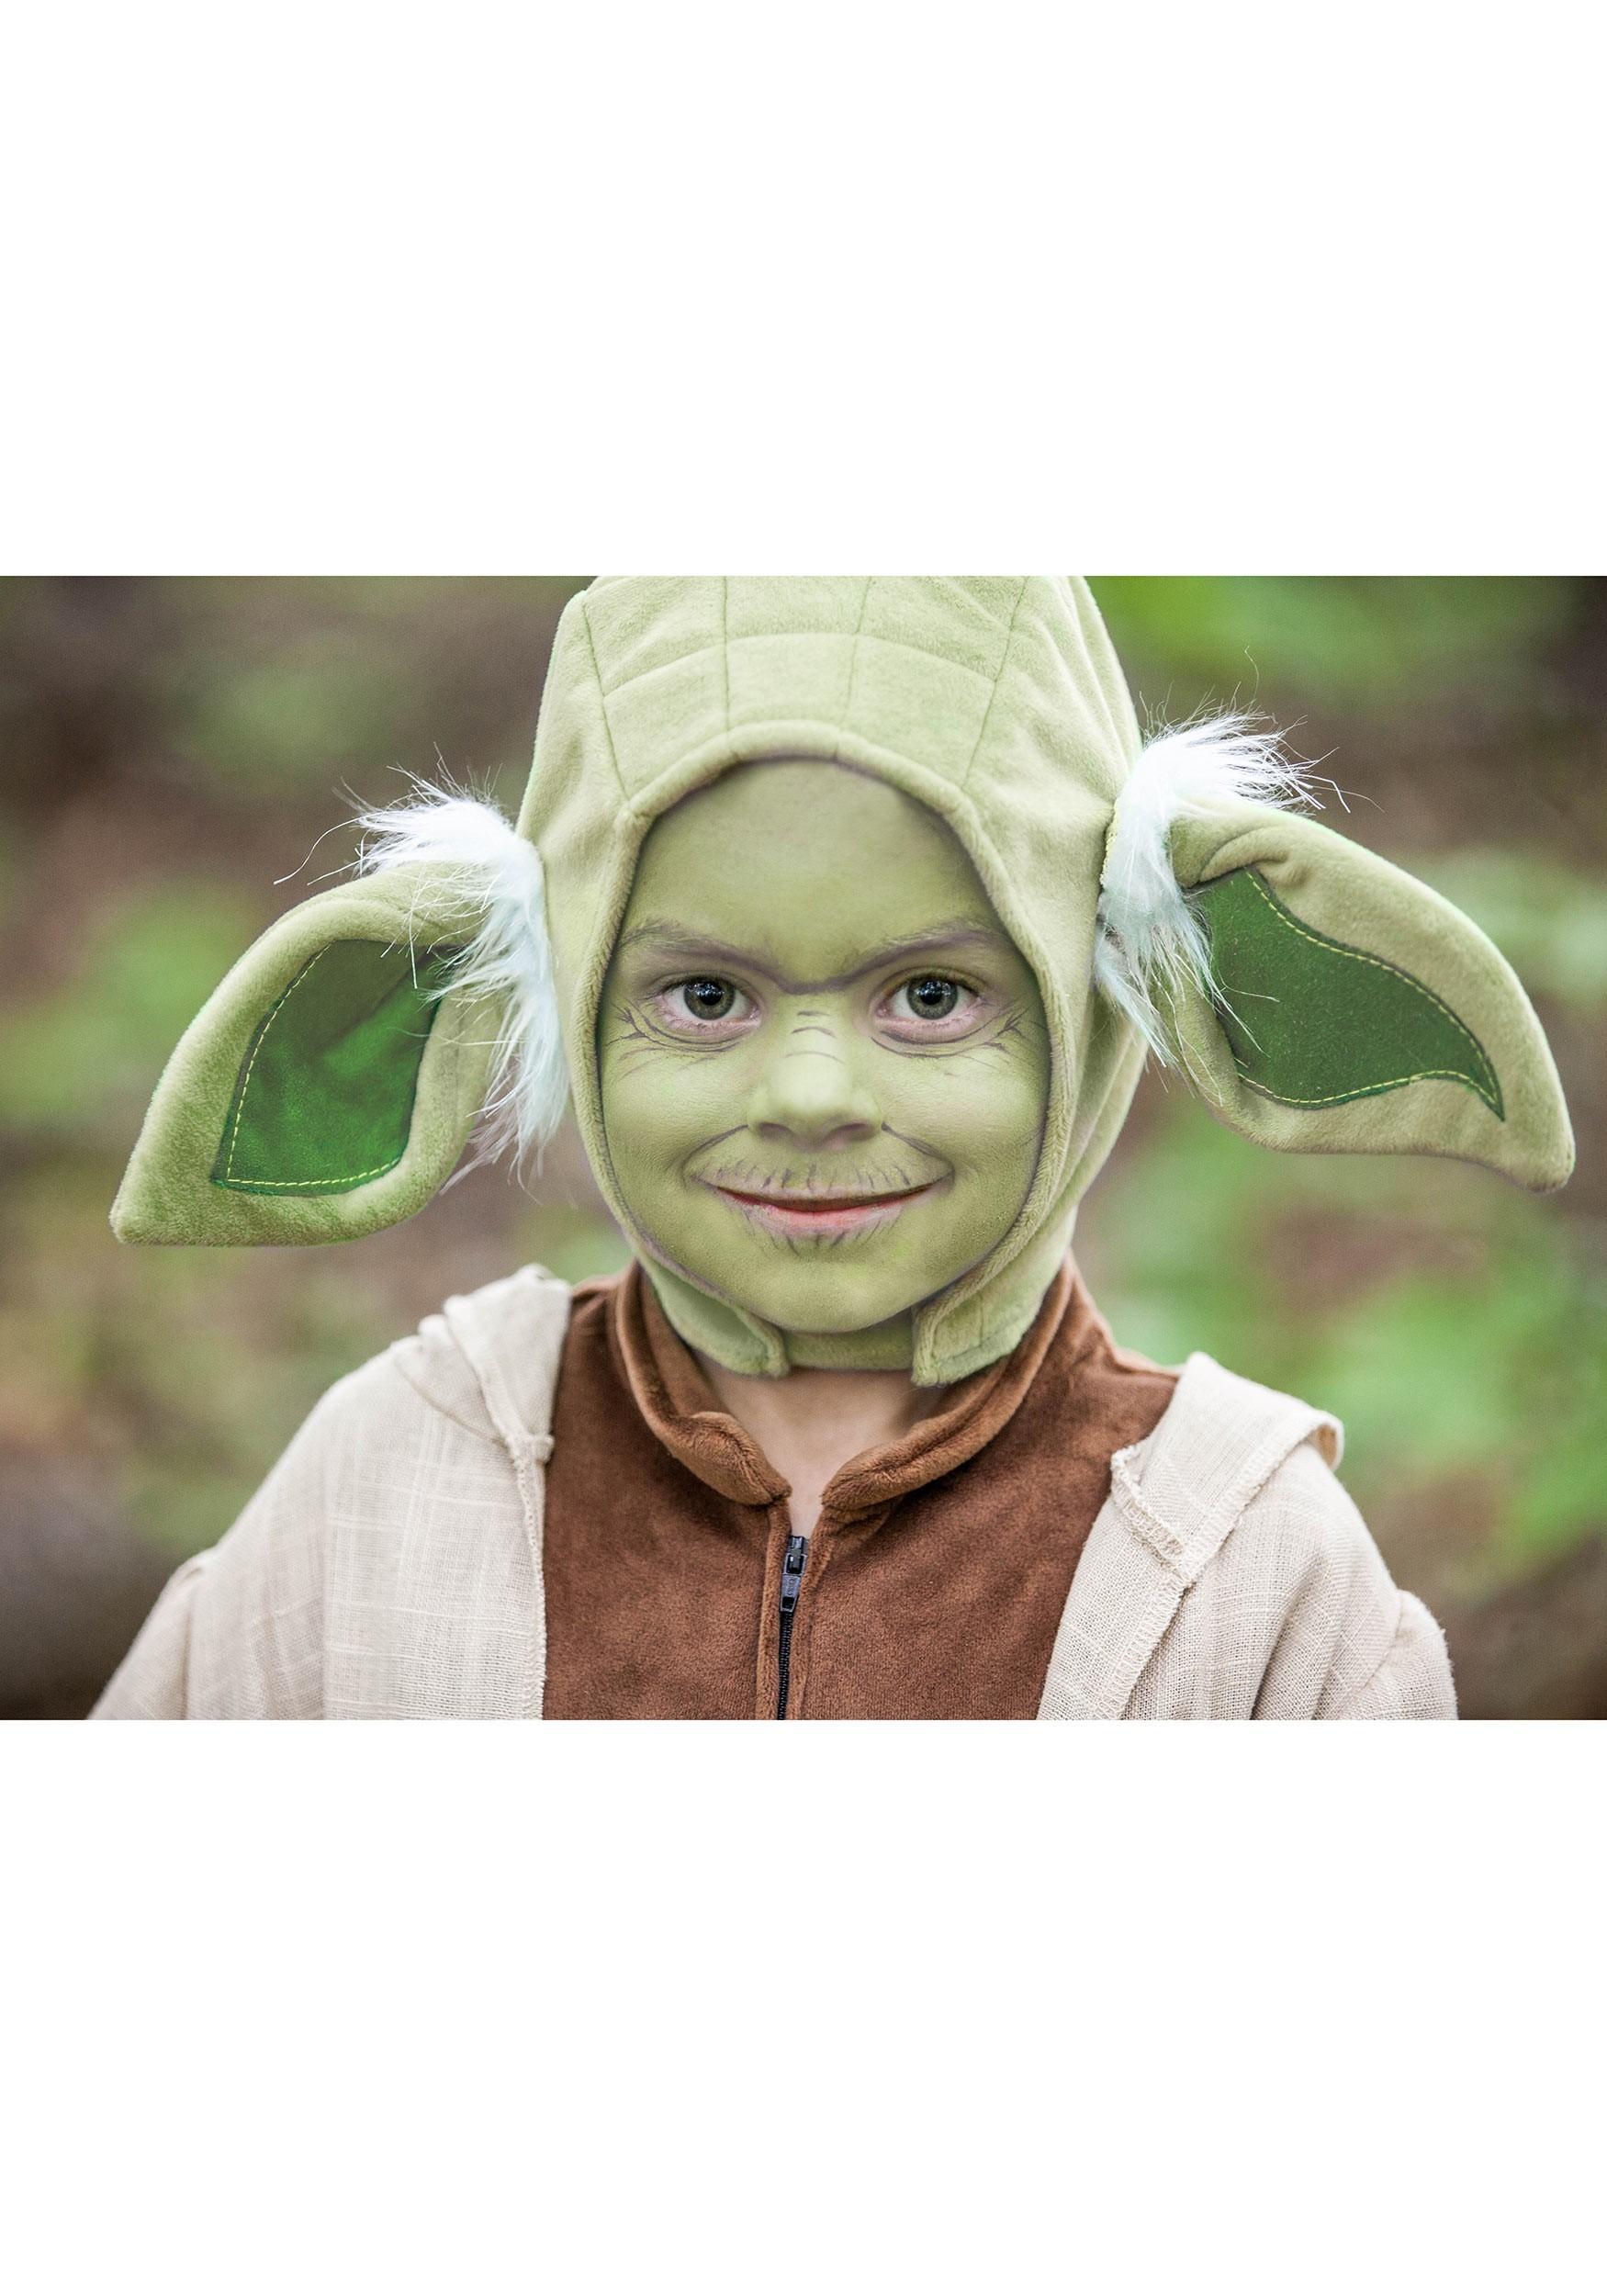 Costume Halloween Yoda.Star Wars Yoda Costume For Kids